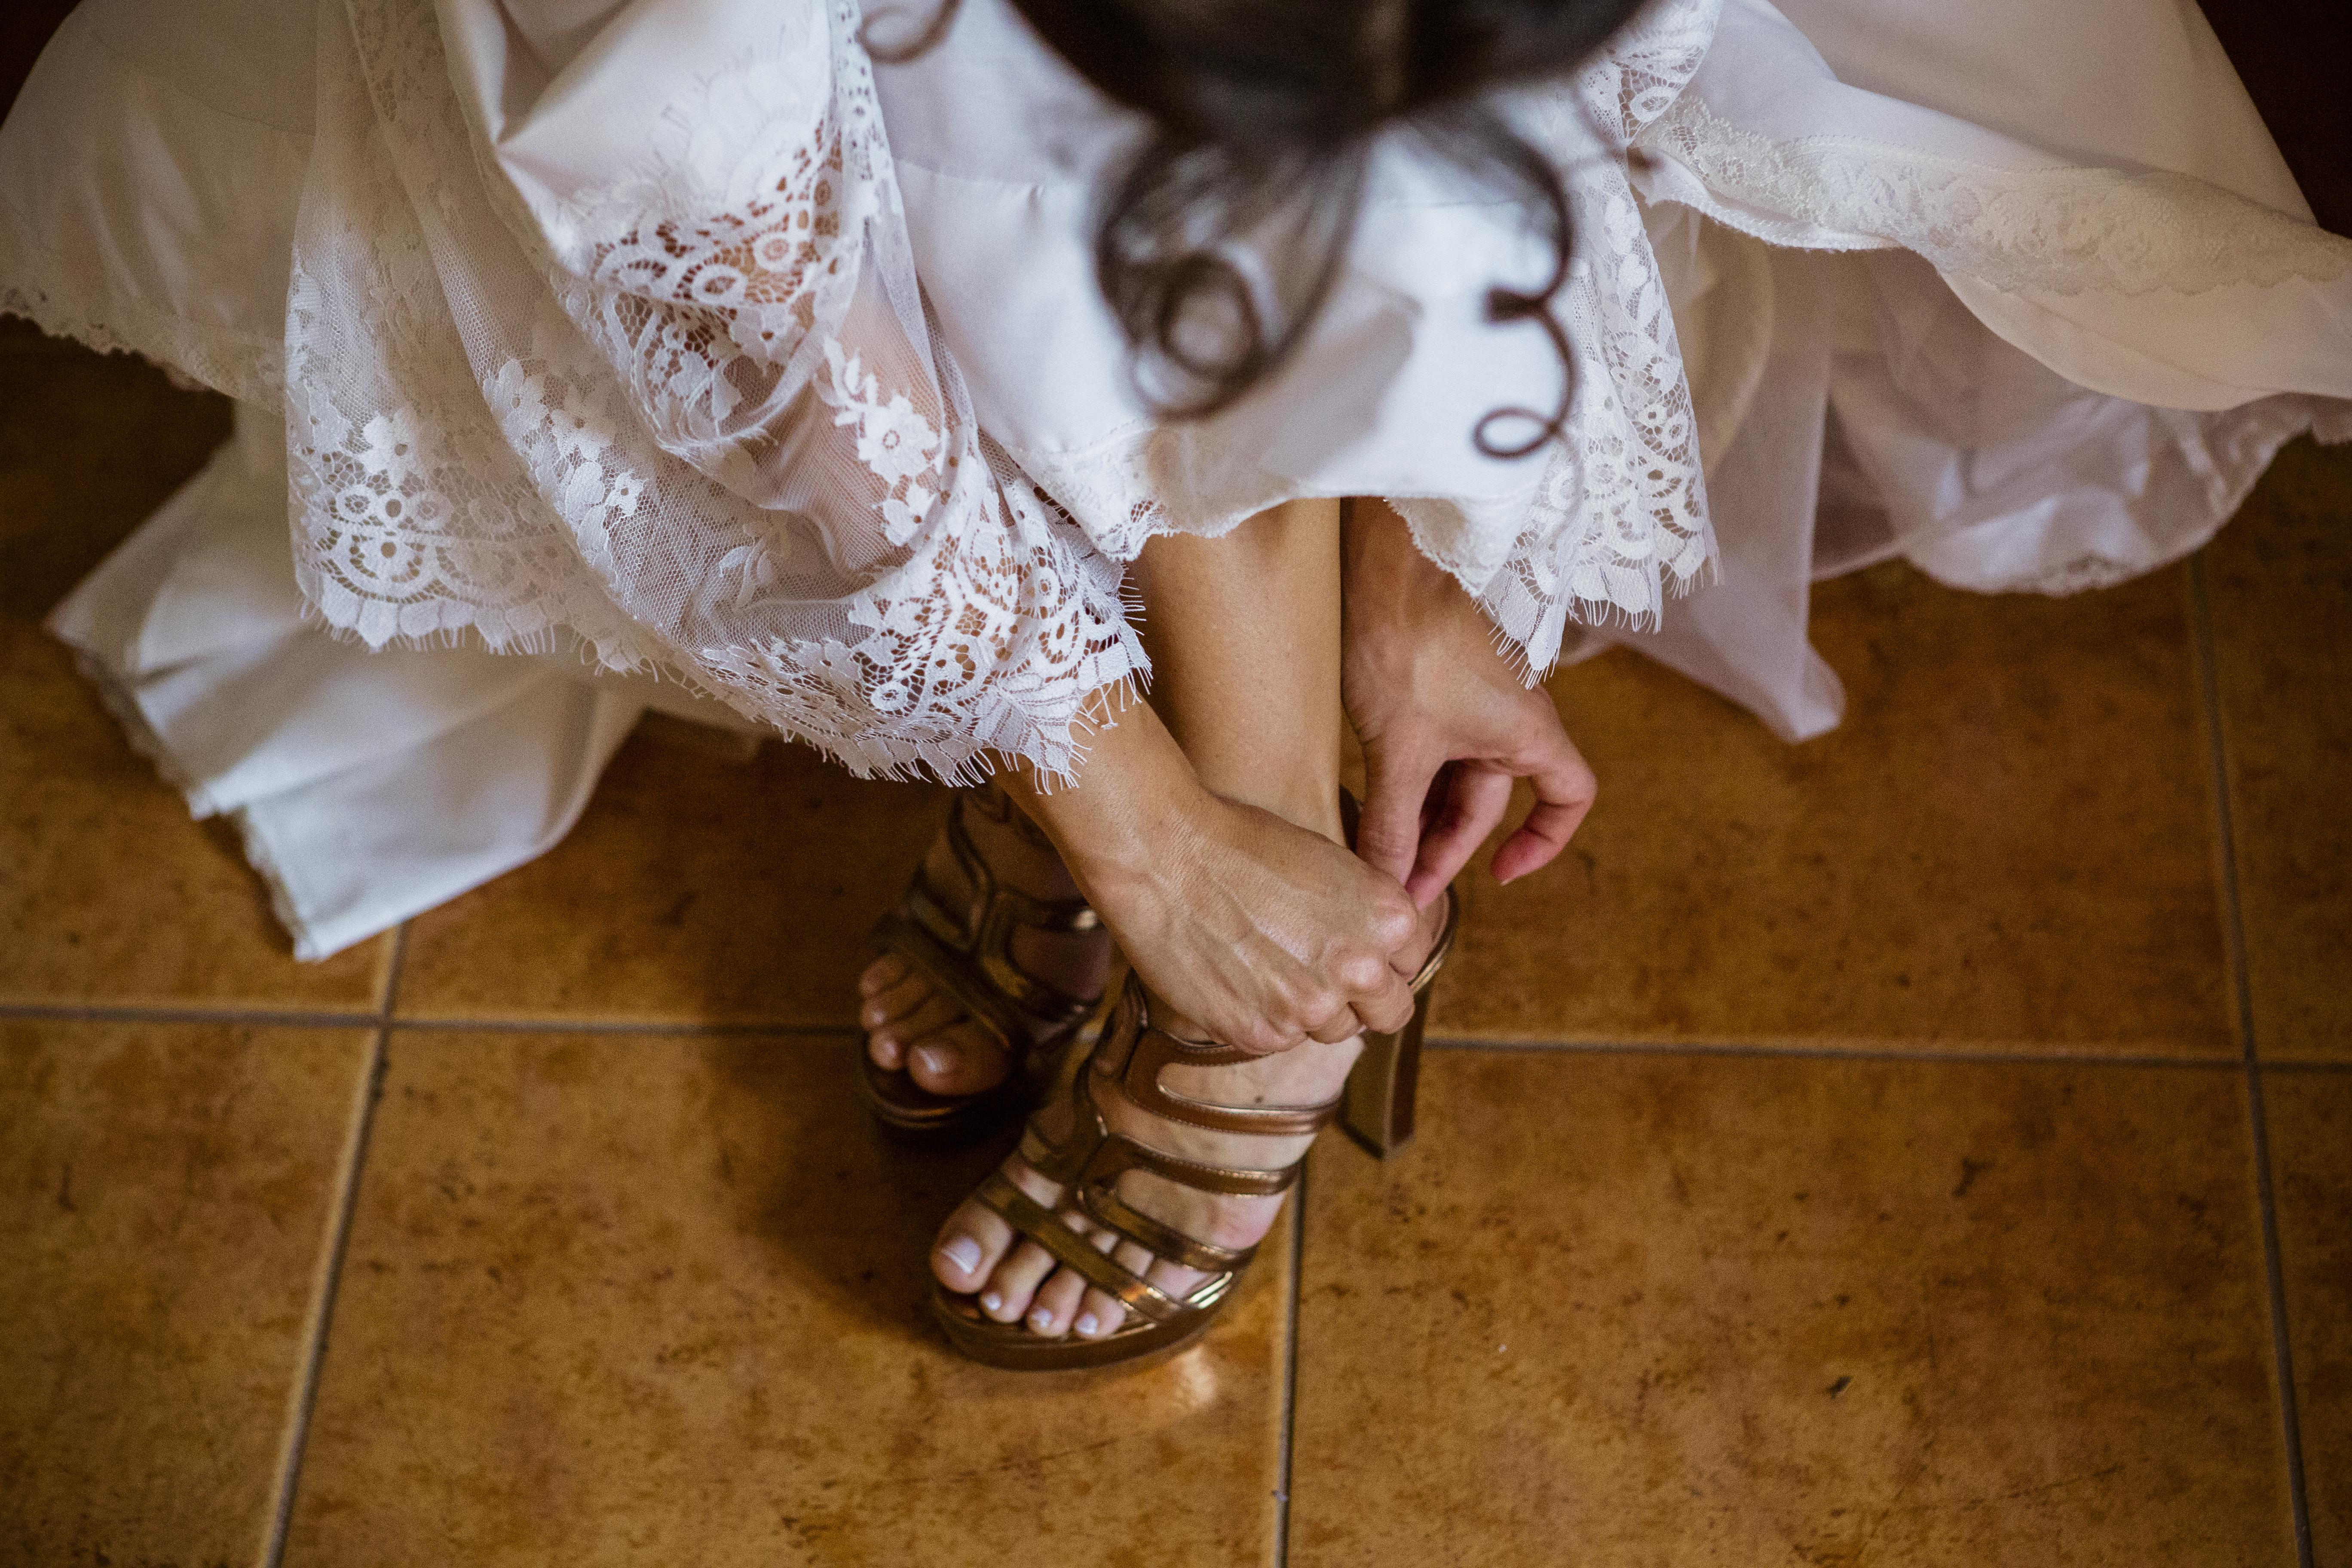 mandarina wedding, fotografos de boda, fotoperiodismo de boda, mejores fotografos de boda, bodas soria, bodas pirineo, bodas Madrid, fotógrafo daroca_03